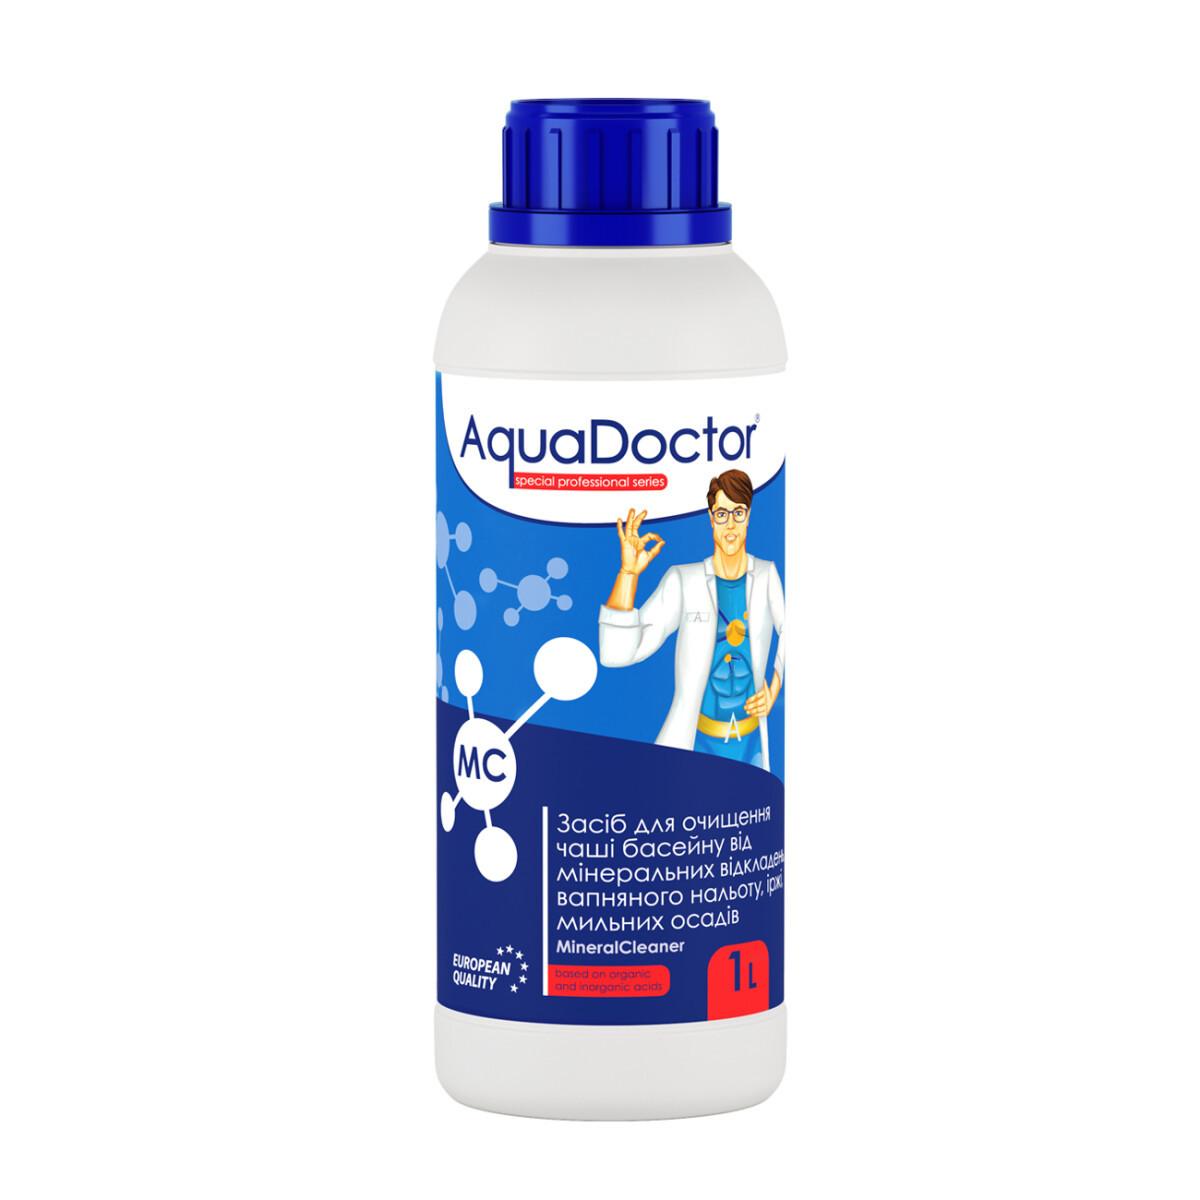 AquaDoctor MC MineralCleaner 5 л.